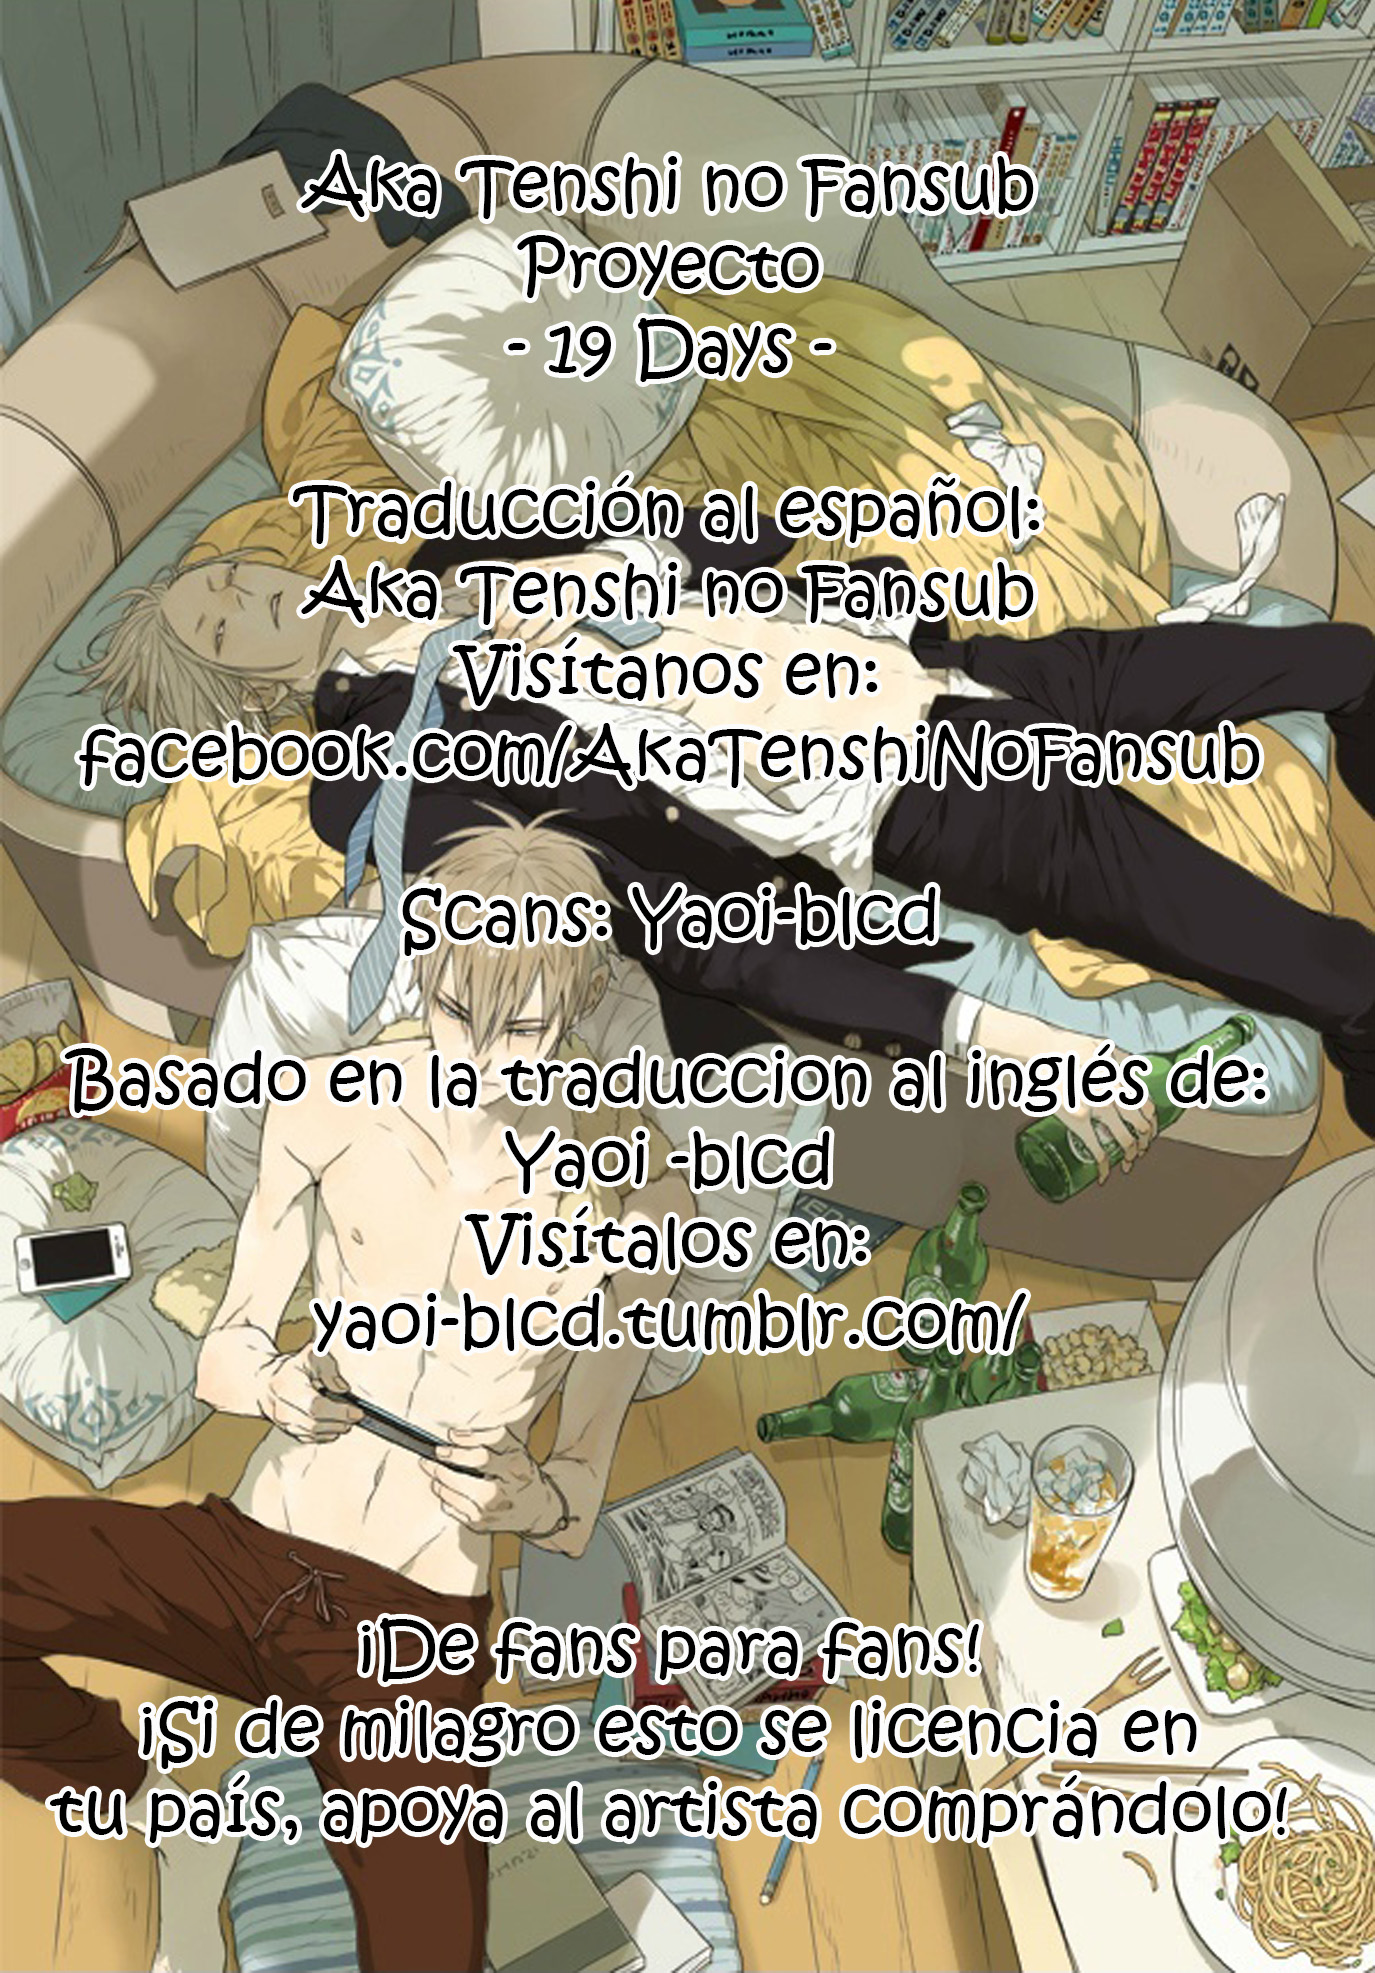 http://c5.ninemanga.com/es_manga/7/15943/381021/07556202657e56eba4d67a1292a20a36.jpg Page 1